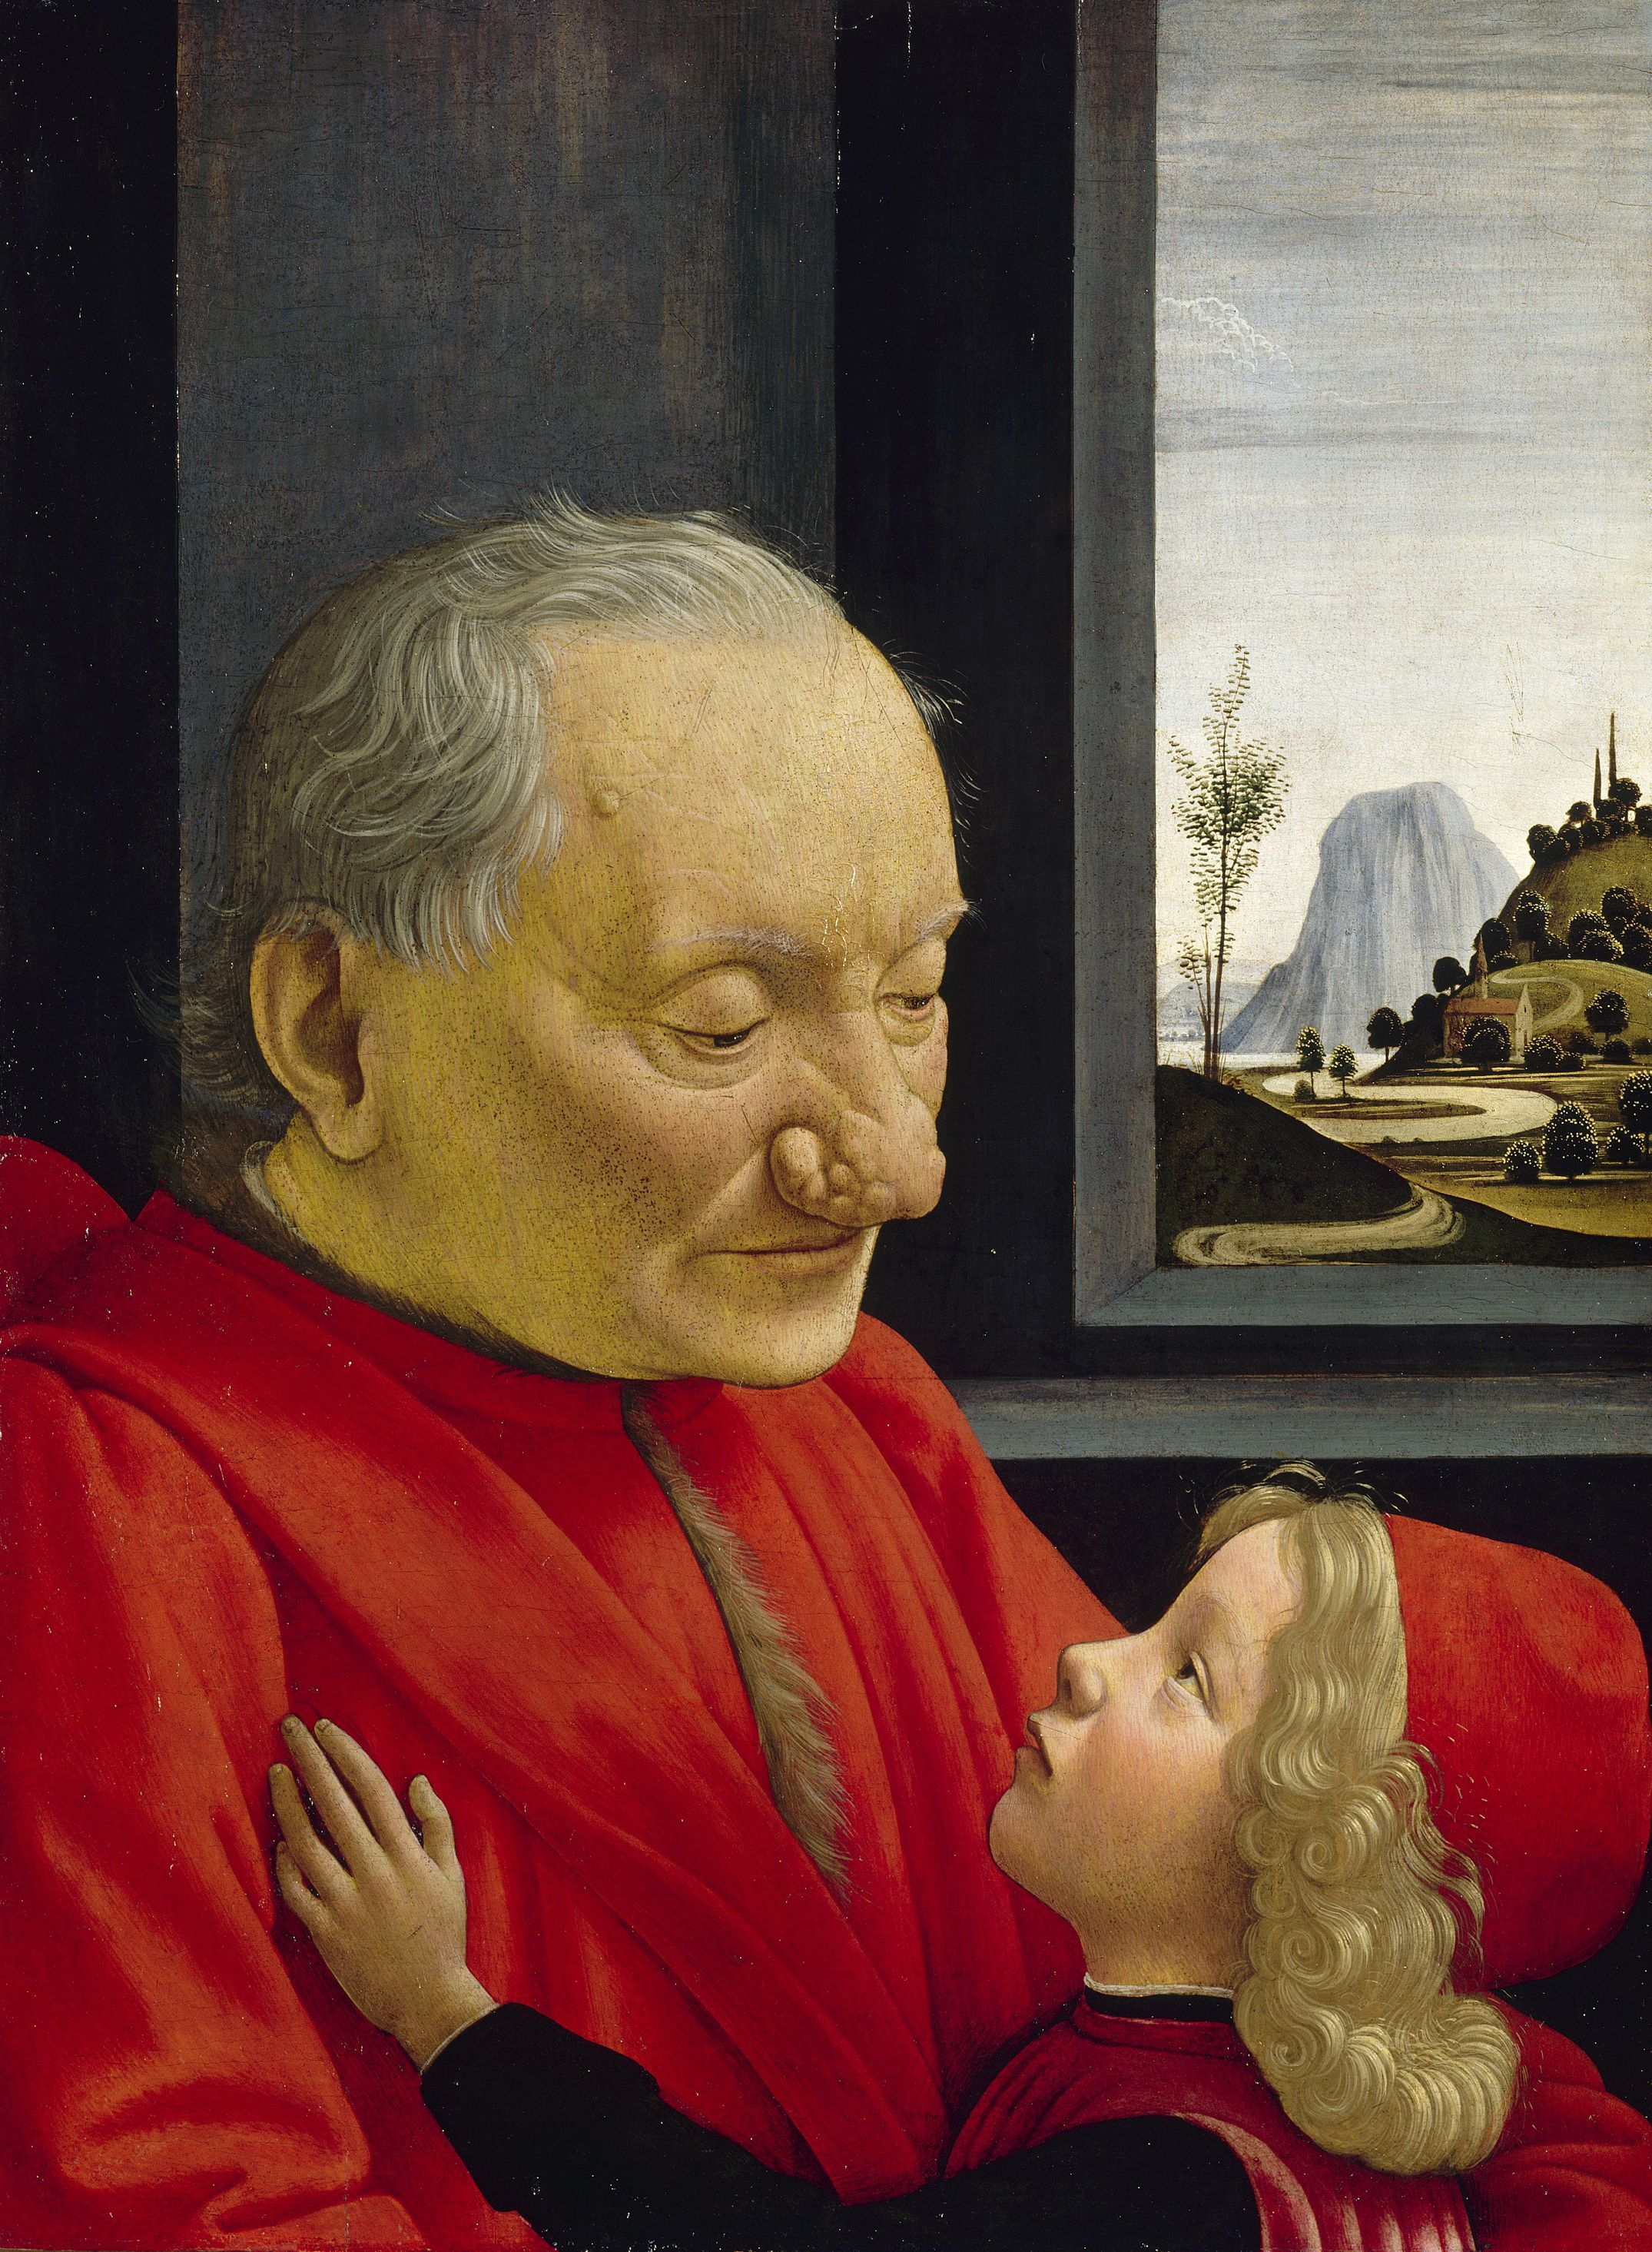 Portrait d'un vieillard et d'un jeune enfant, Ghirlandaio - 1490